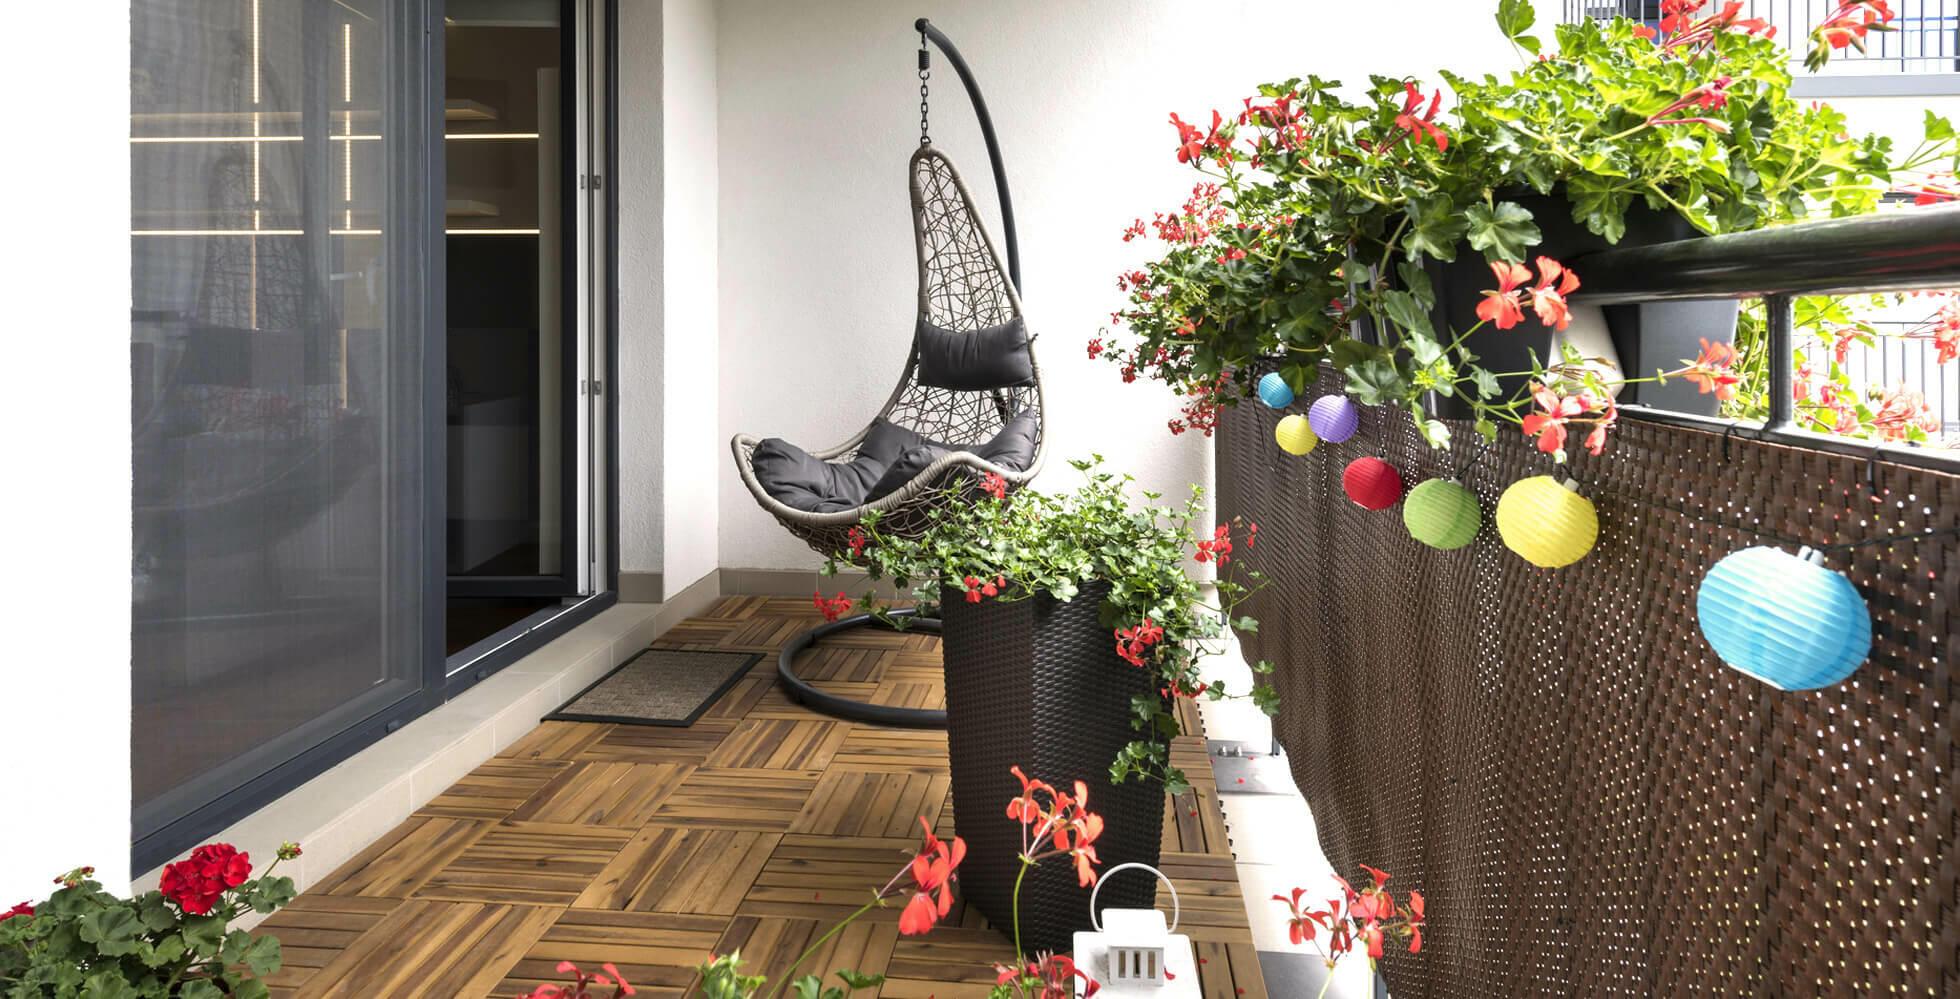 balcone decorato con una poltrona sospesa e ghirlande luminose